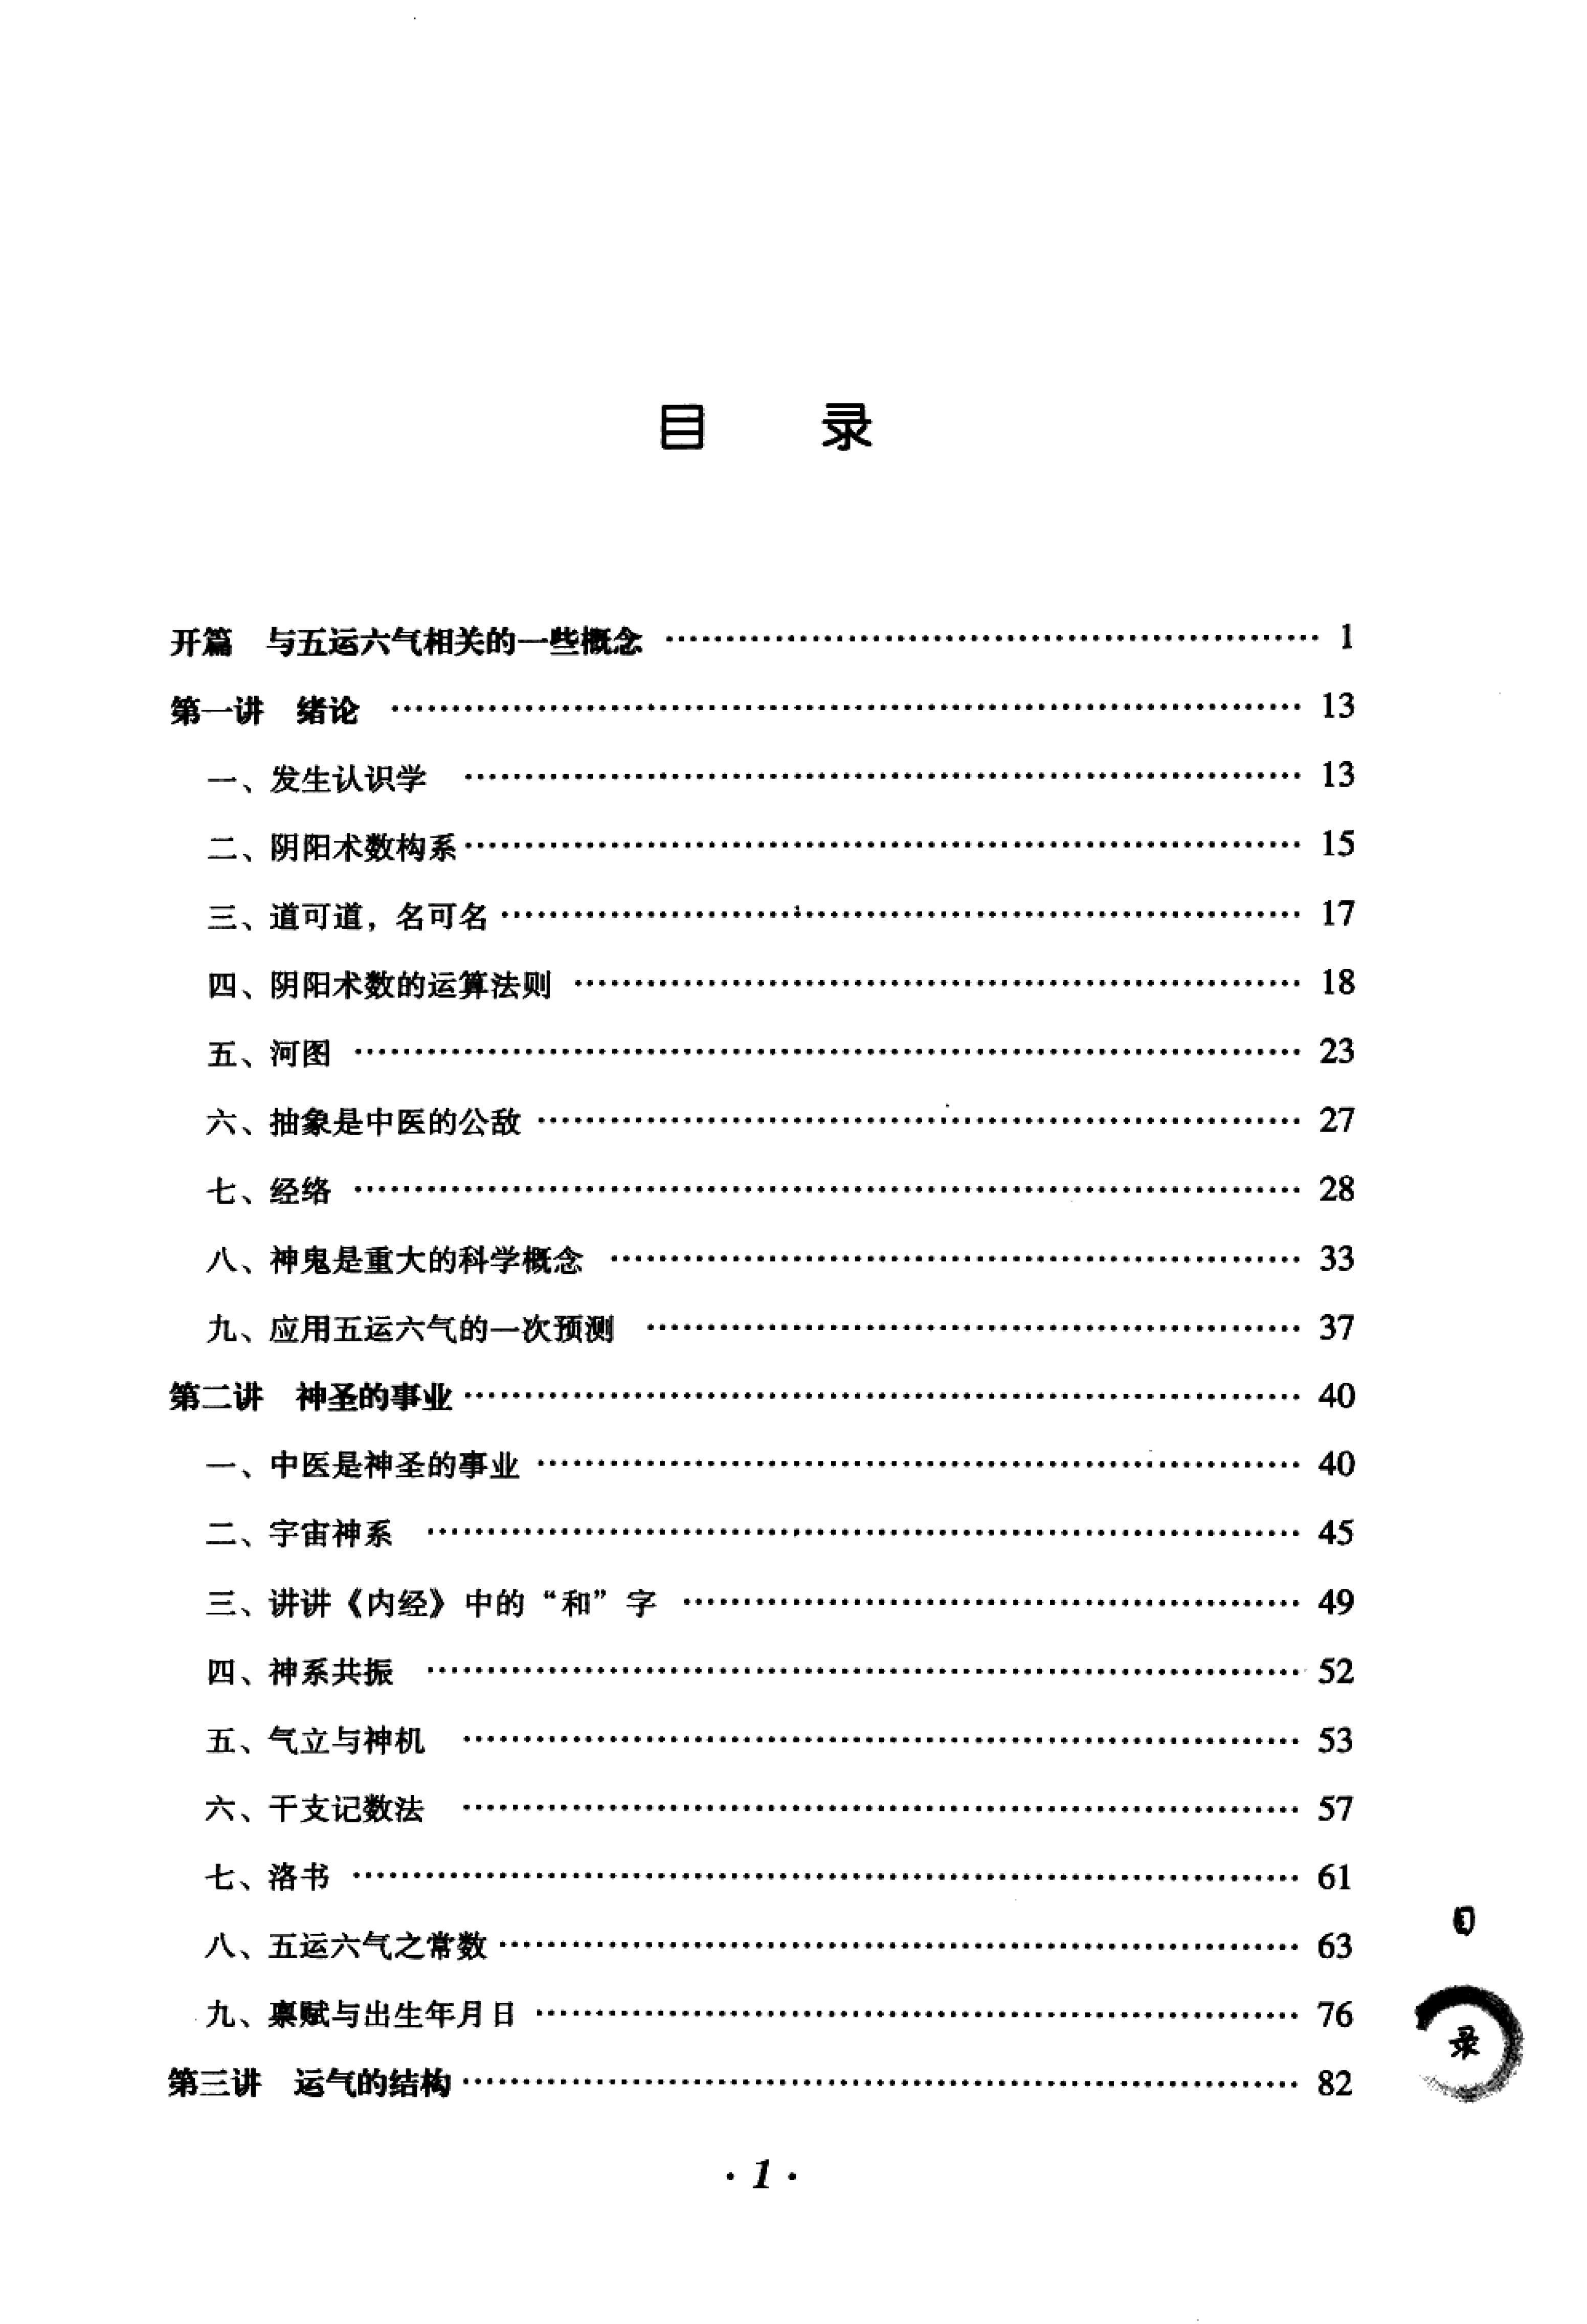 李阳波五运六气讲记(黄涛 李坚 文玉冰整理)_12968554_03.jpg